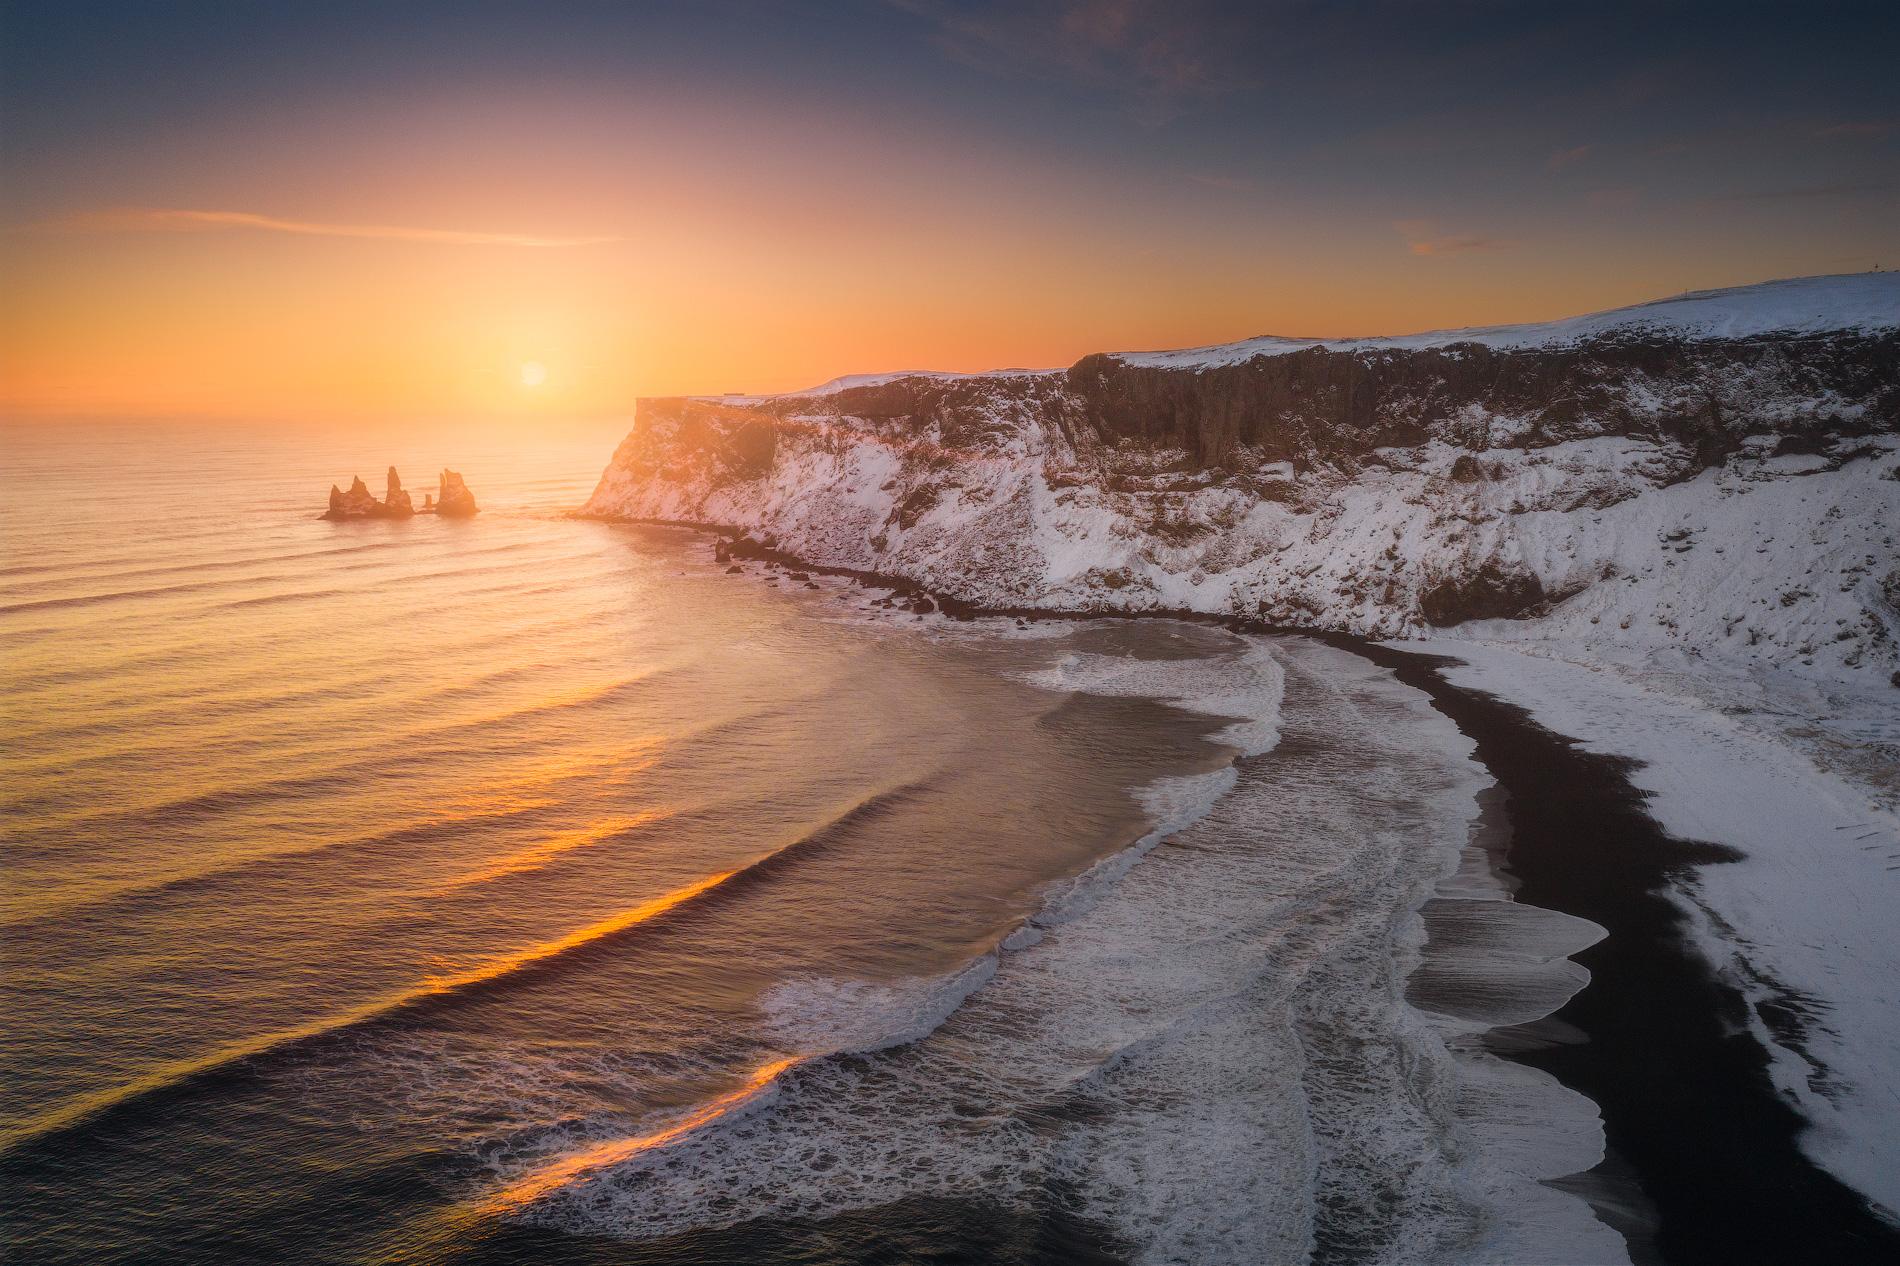 11-дневный зимний мастер-класс по ландшафтной фотографии в Исландии - day 2